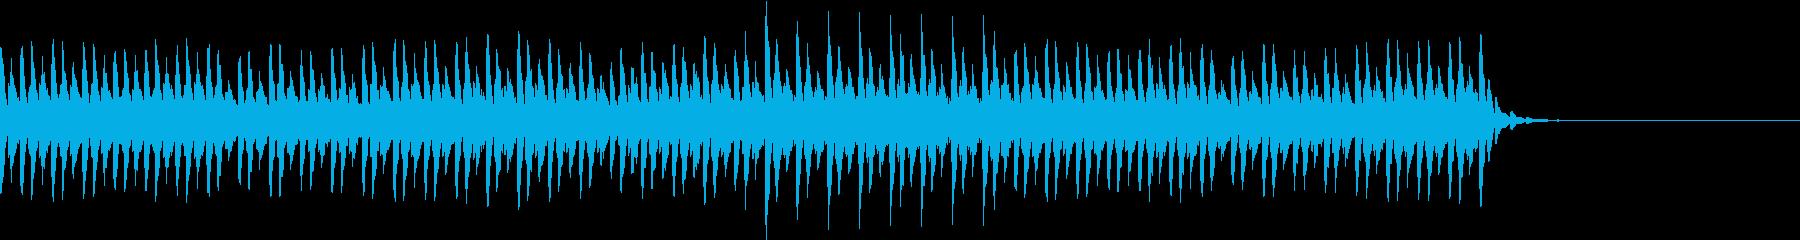 生演奏:美しく優しいディレイピアノの再生済みの波形